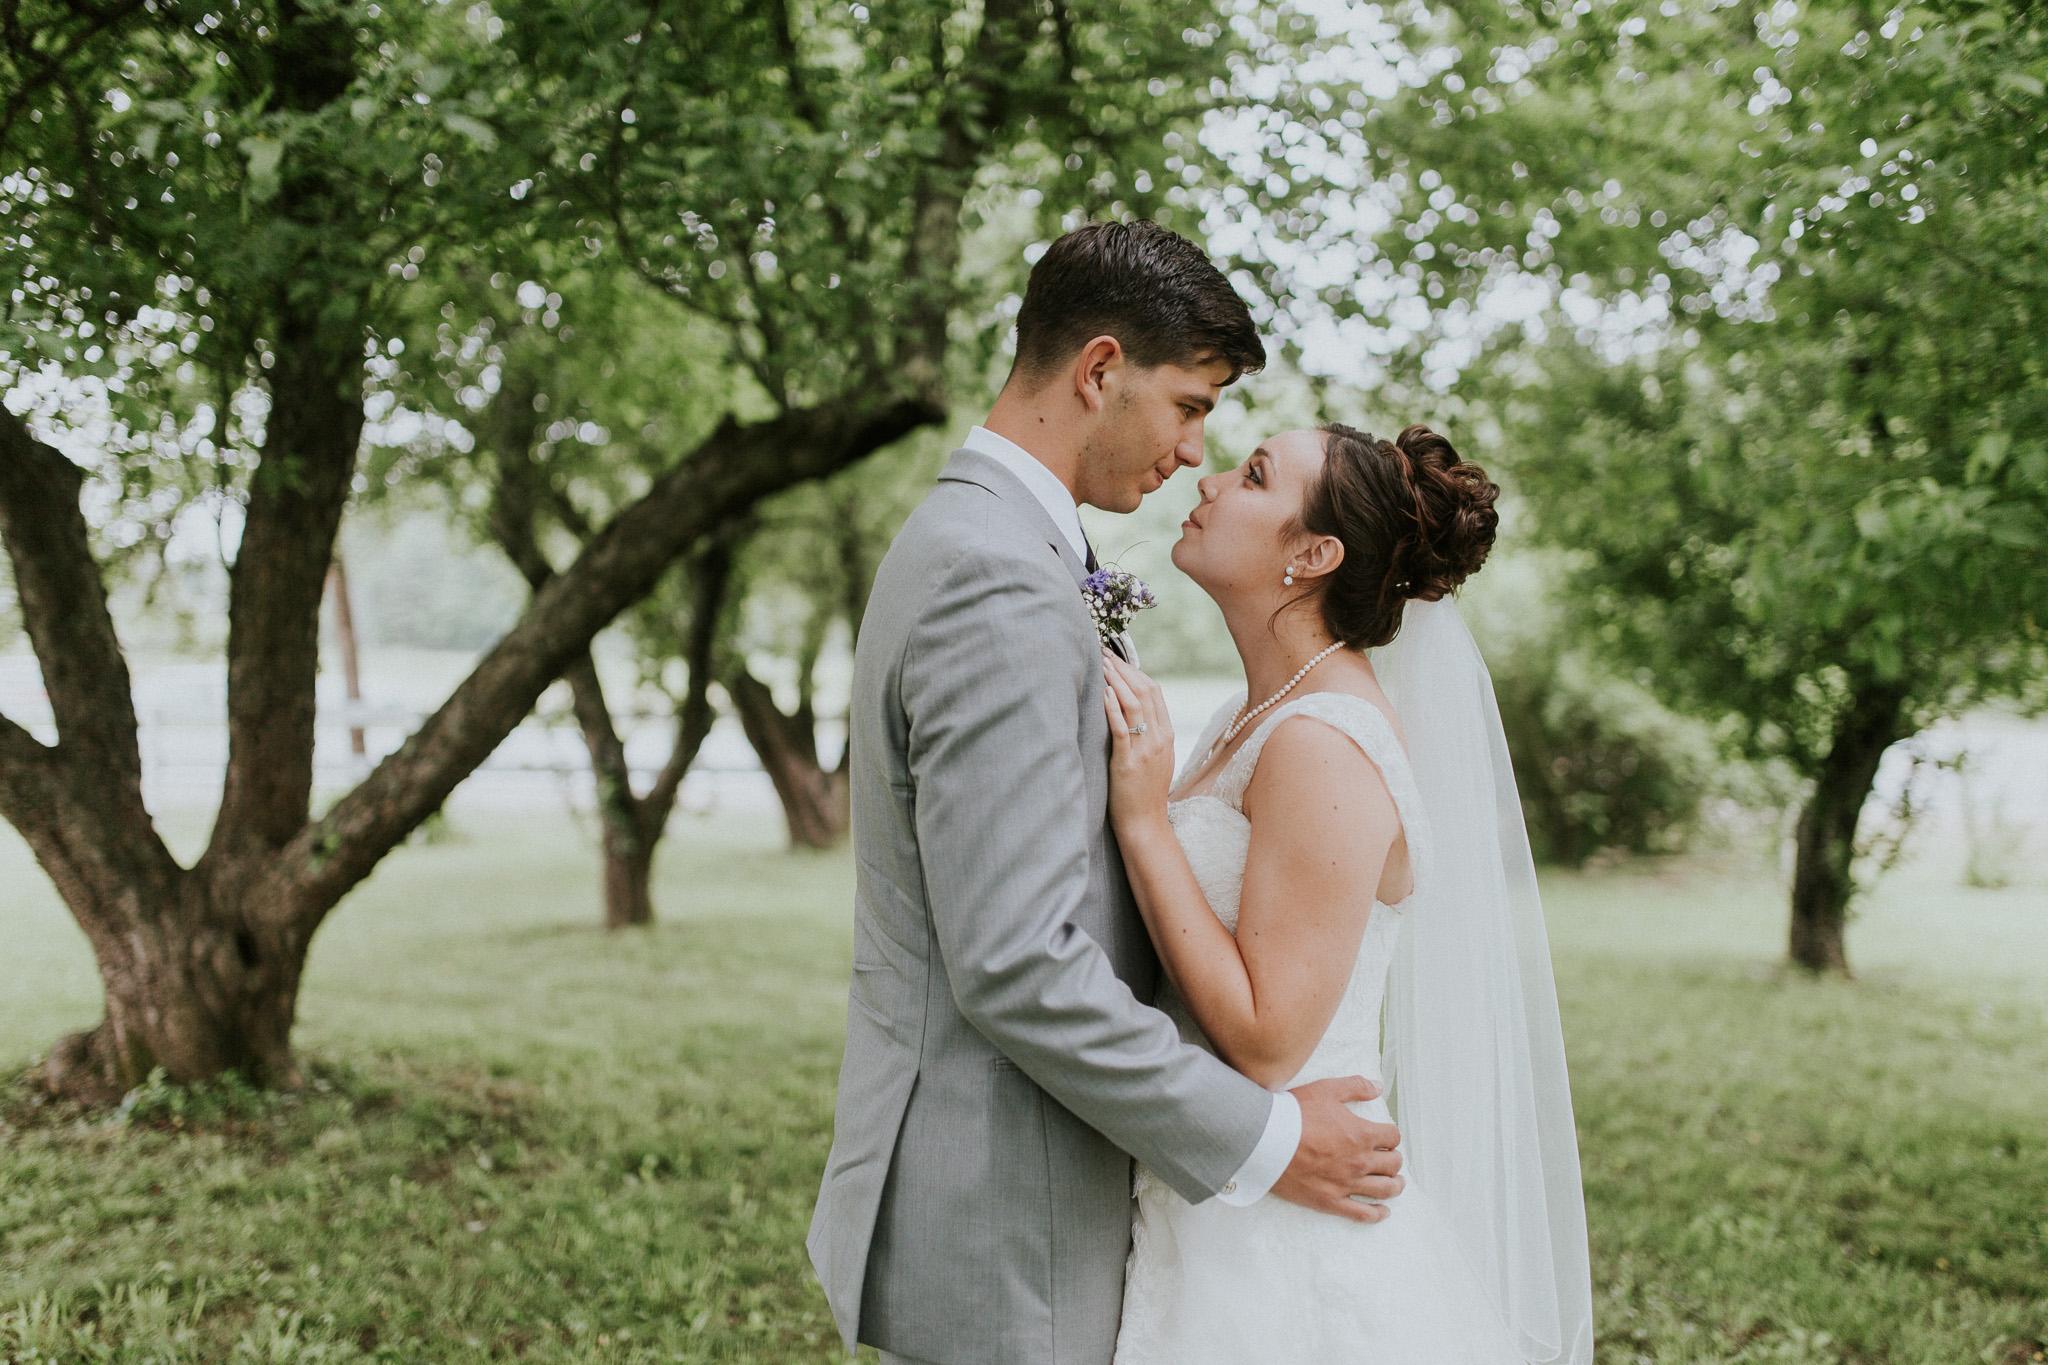 weddings-91.jpg